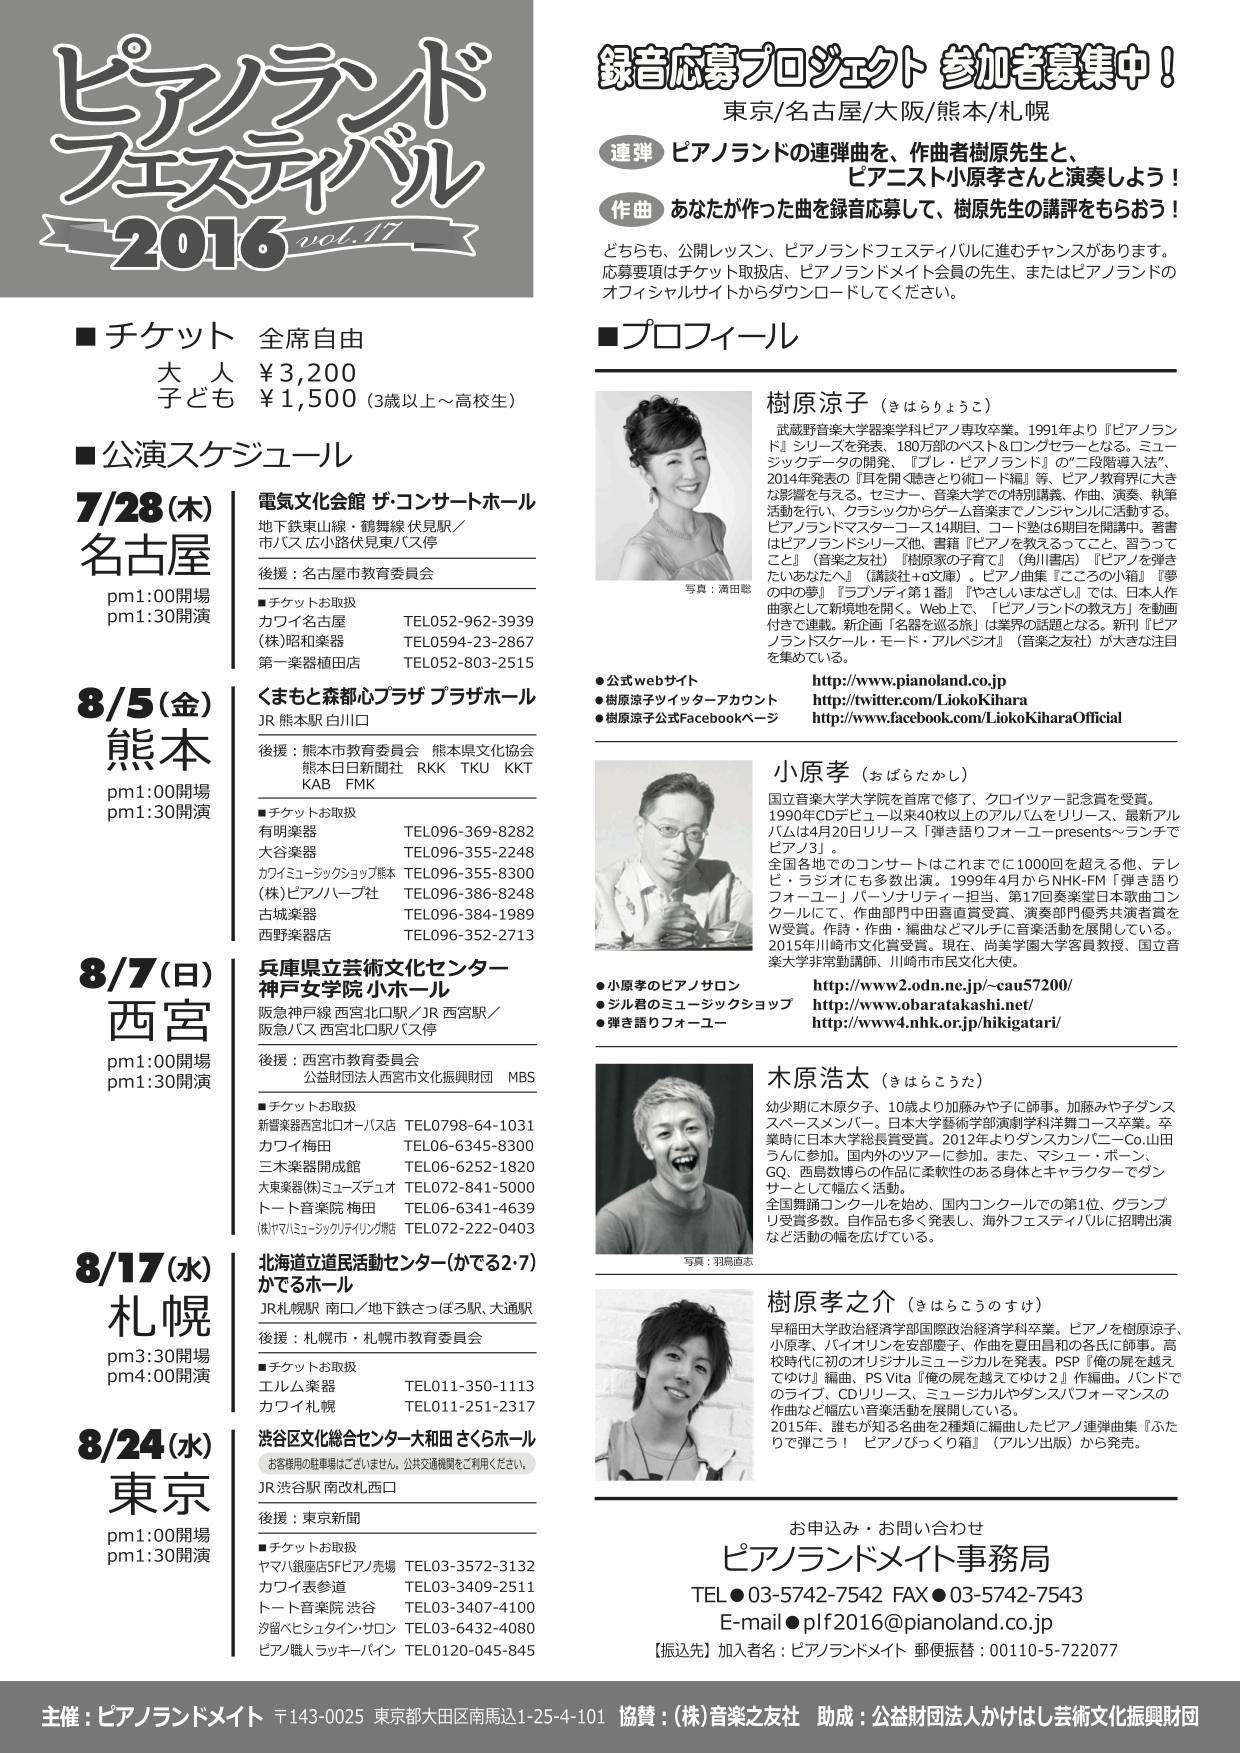 ピアノランドフェスティバル2016(札幌)